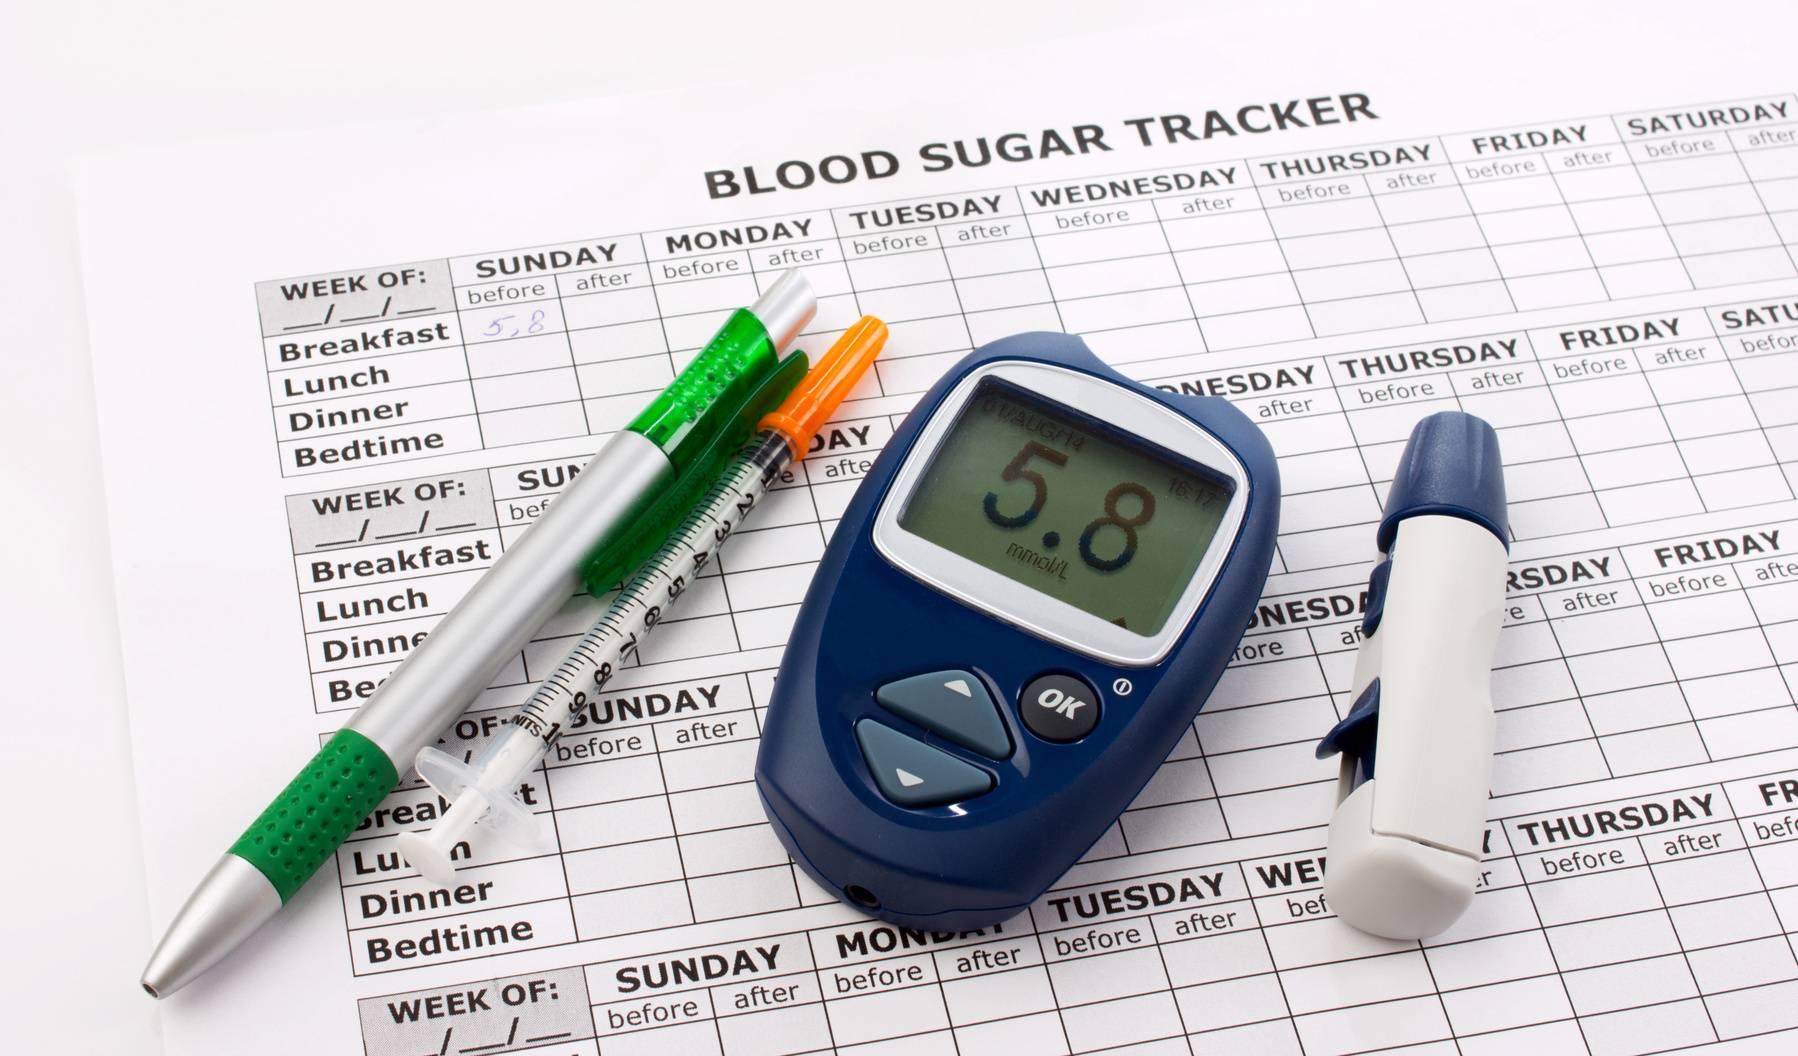 testa diabetes själv